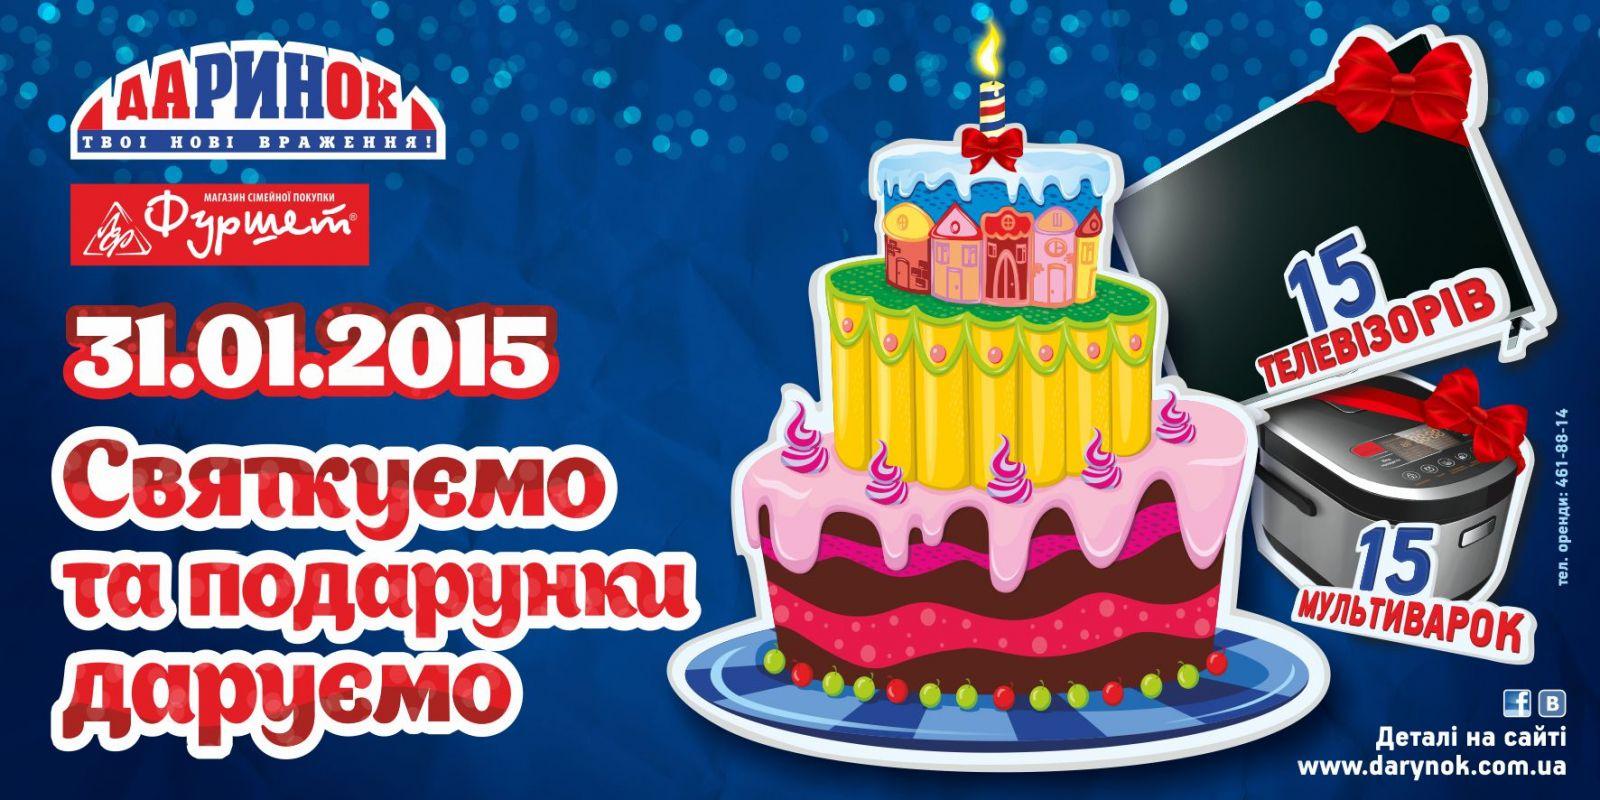 День Рождения Дарынок призы конкурсы программа